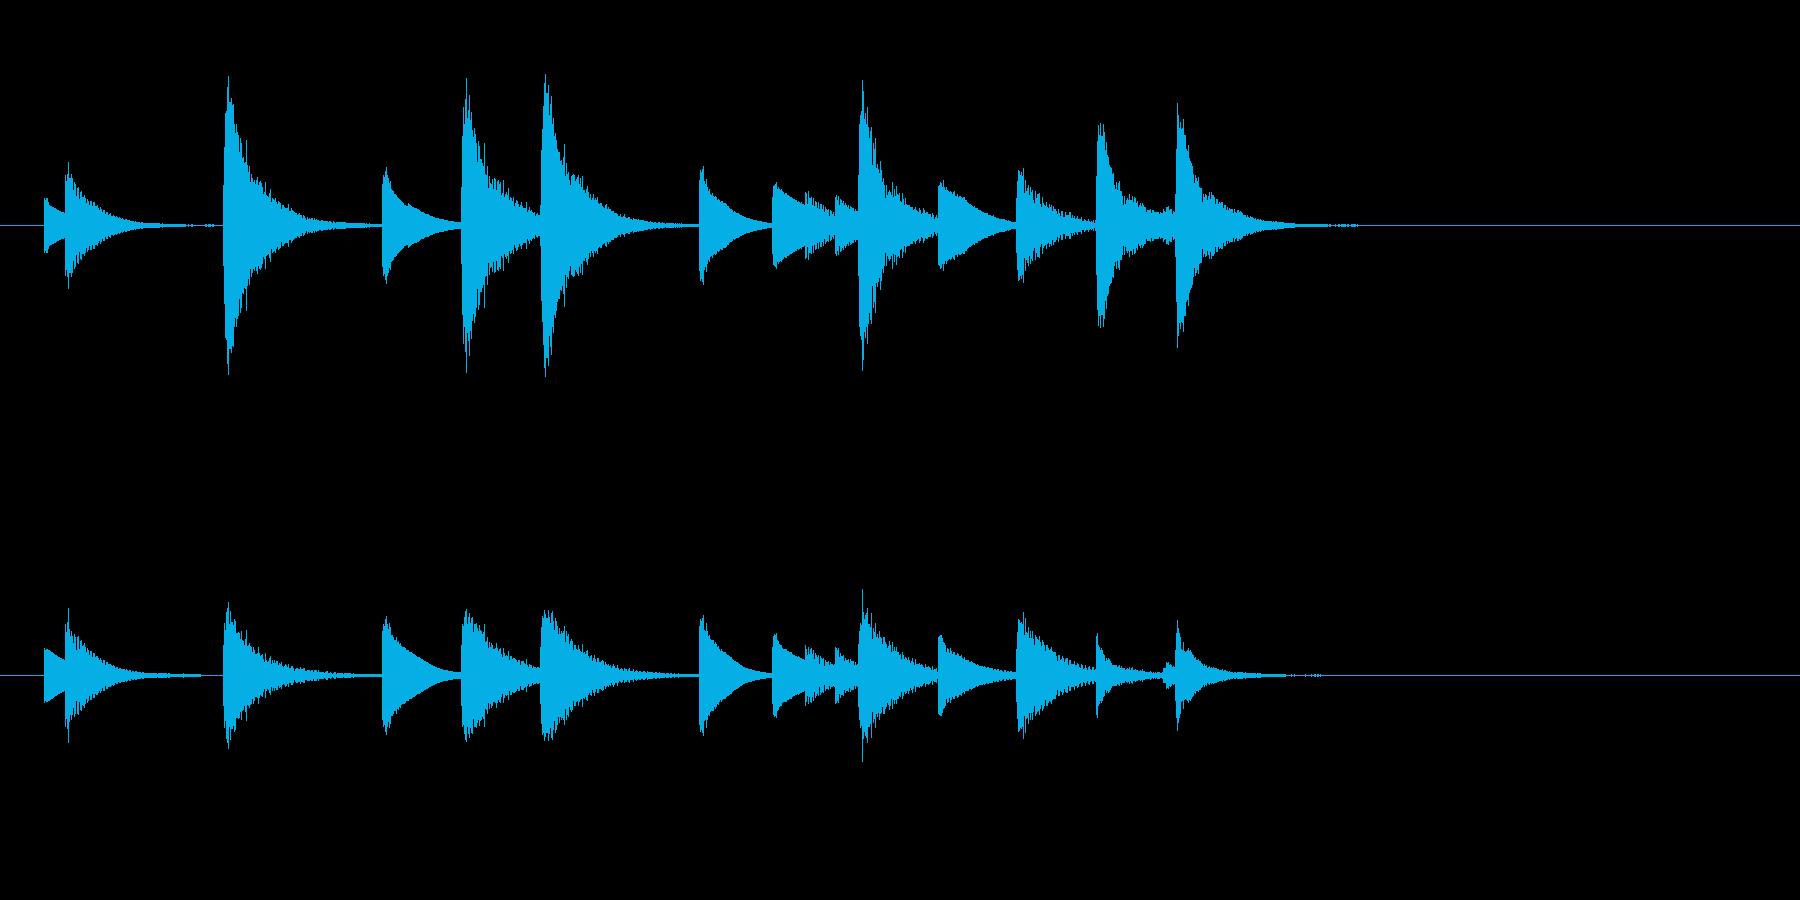 和風のめでたしめでたし的なジングルの再生済みの波形